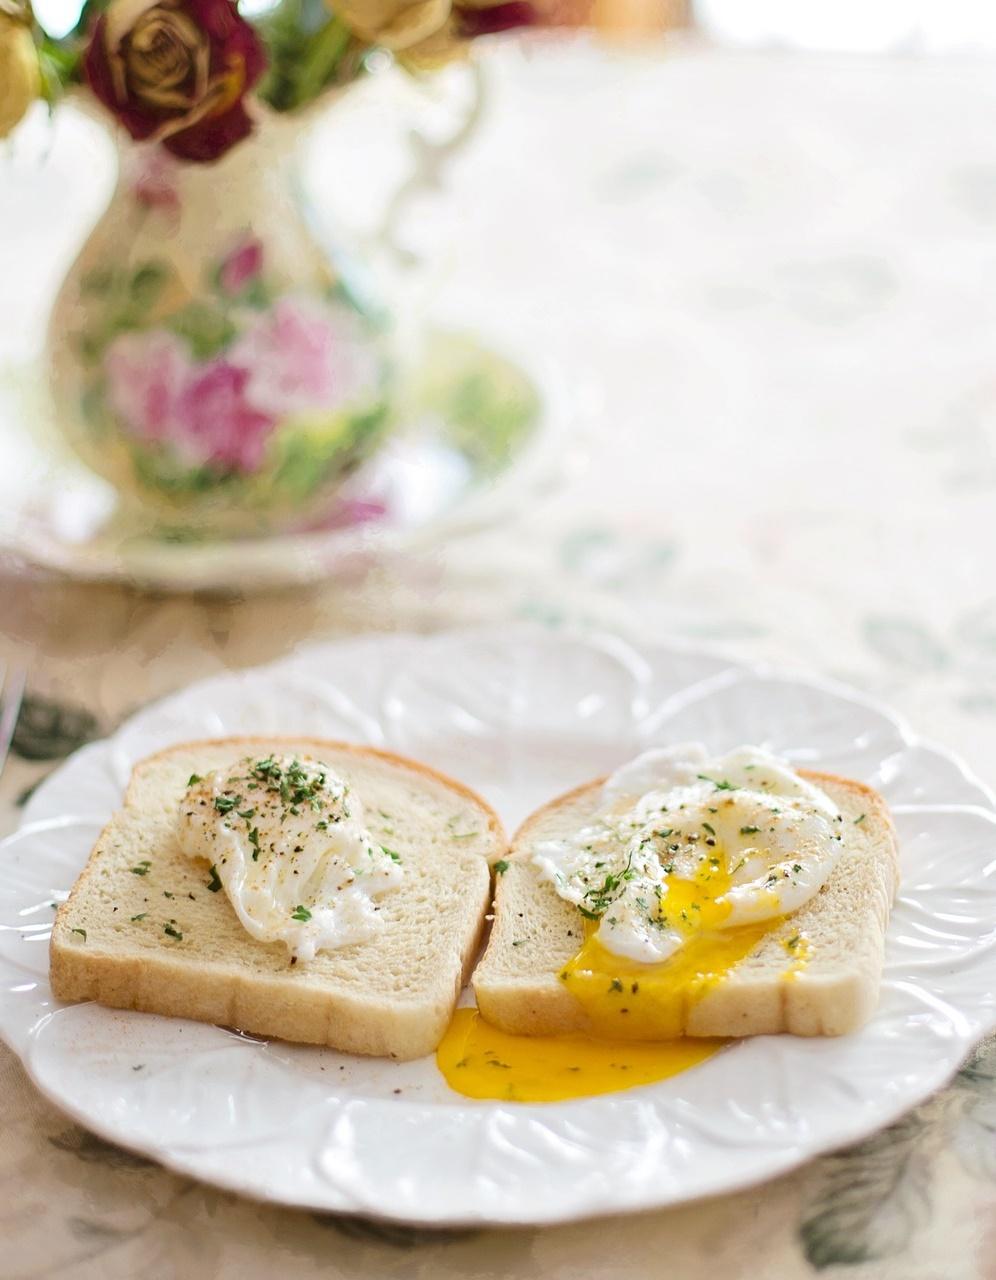 2.不吃早餐 早餐吃蛋白質可提升代謝率。若一路餓到中午才吃,不但不會瘦,還更容易變胖。